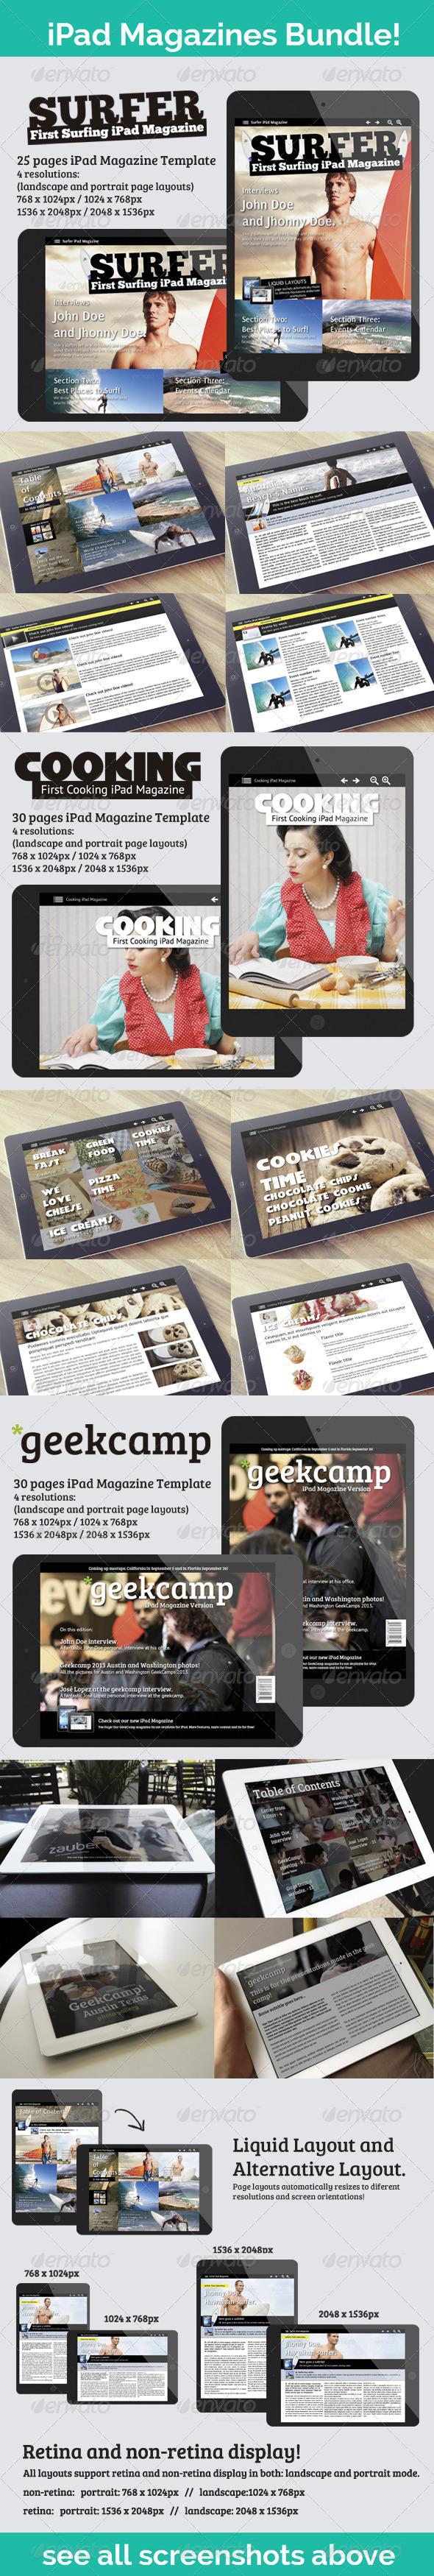 iPad Magazines Bundle: Sports, Cook and Tech - Digital Magazines ePublishing